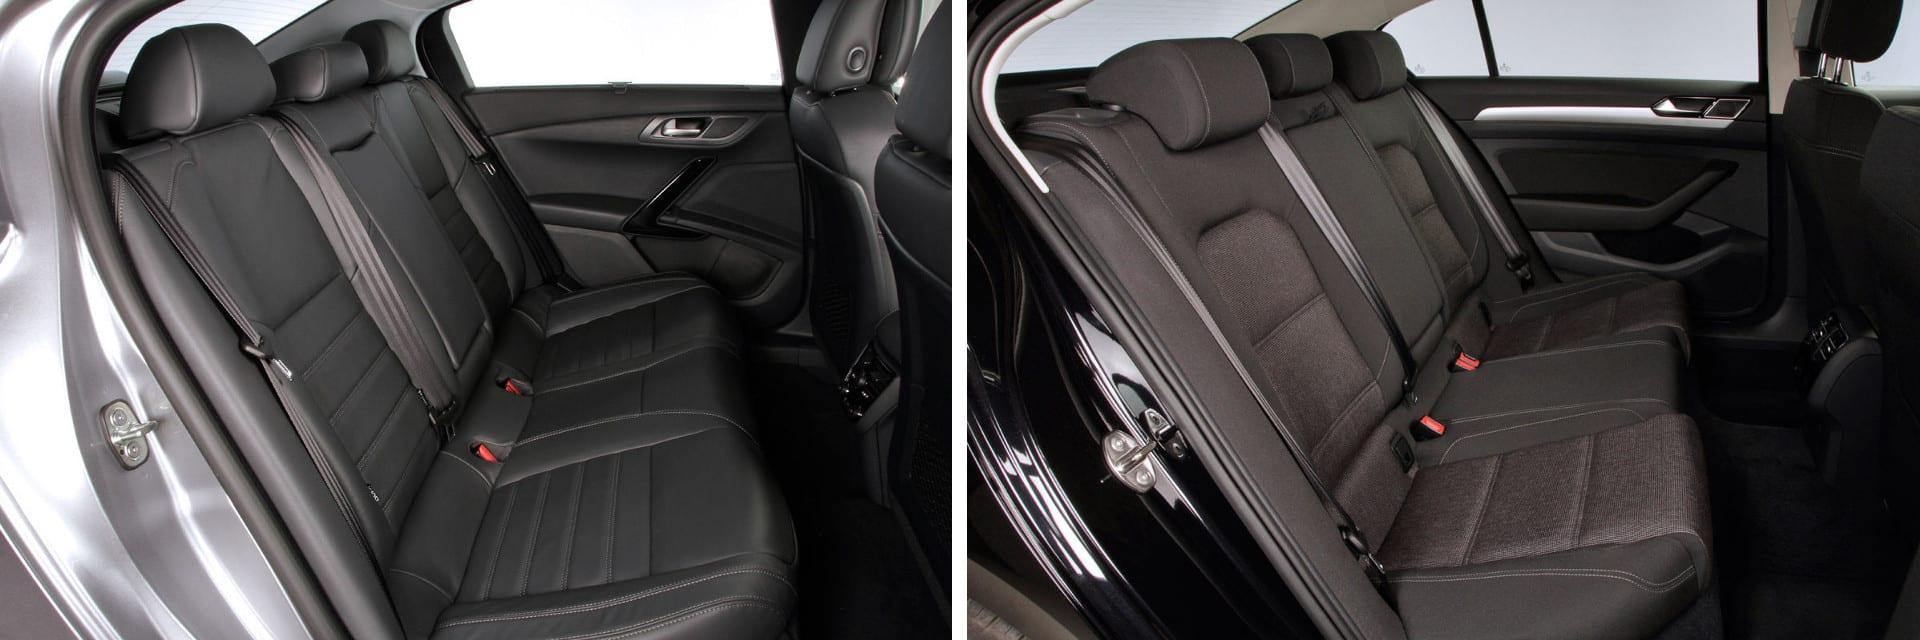 Las fotos del Peugeot 508 corresponden a la versión indicada. Las fotos del Volkswagen Passat corresponden al acabado Advance. Fotos cedidas por KM77.